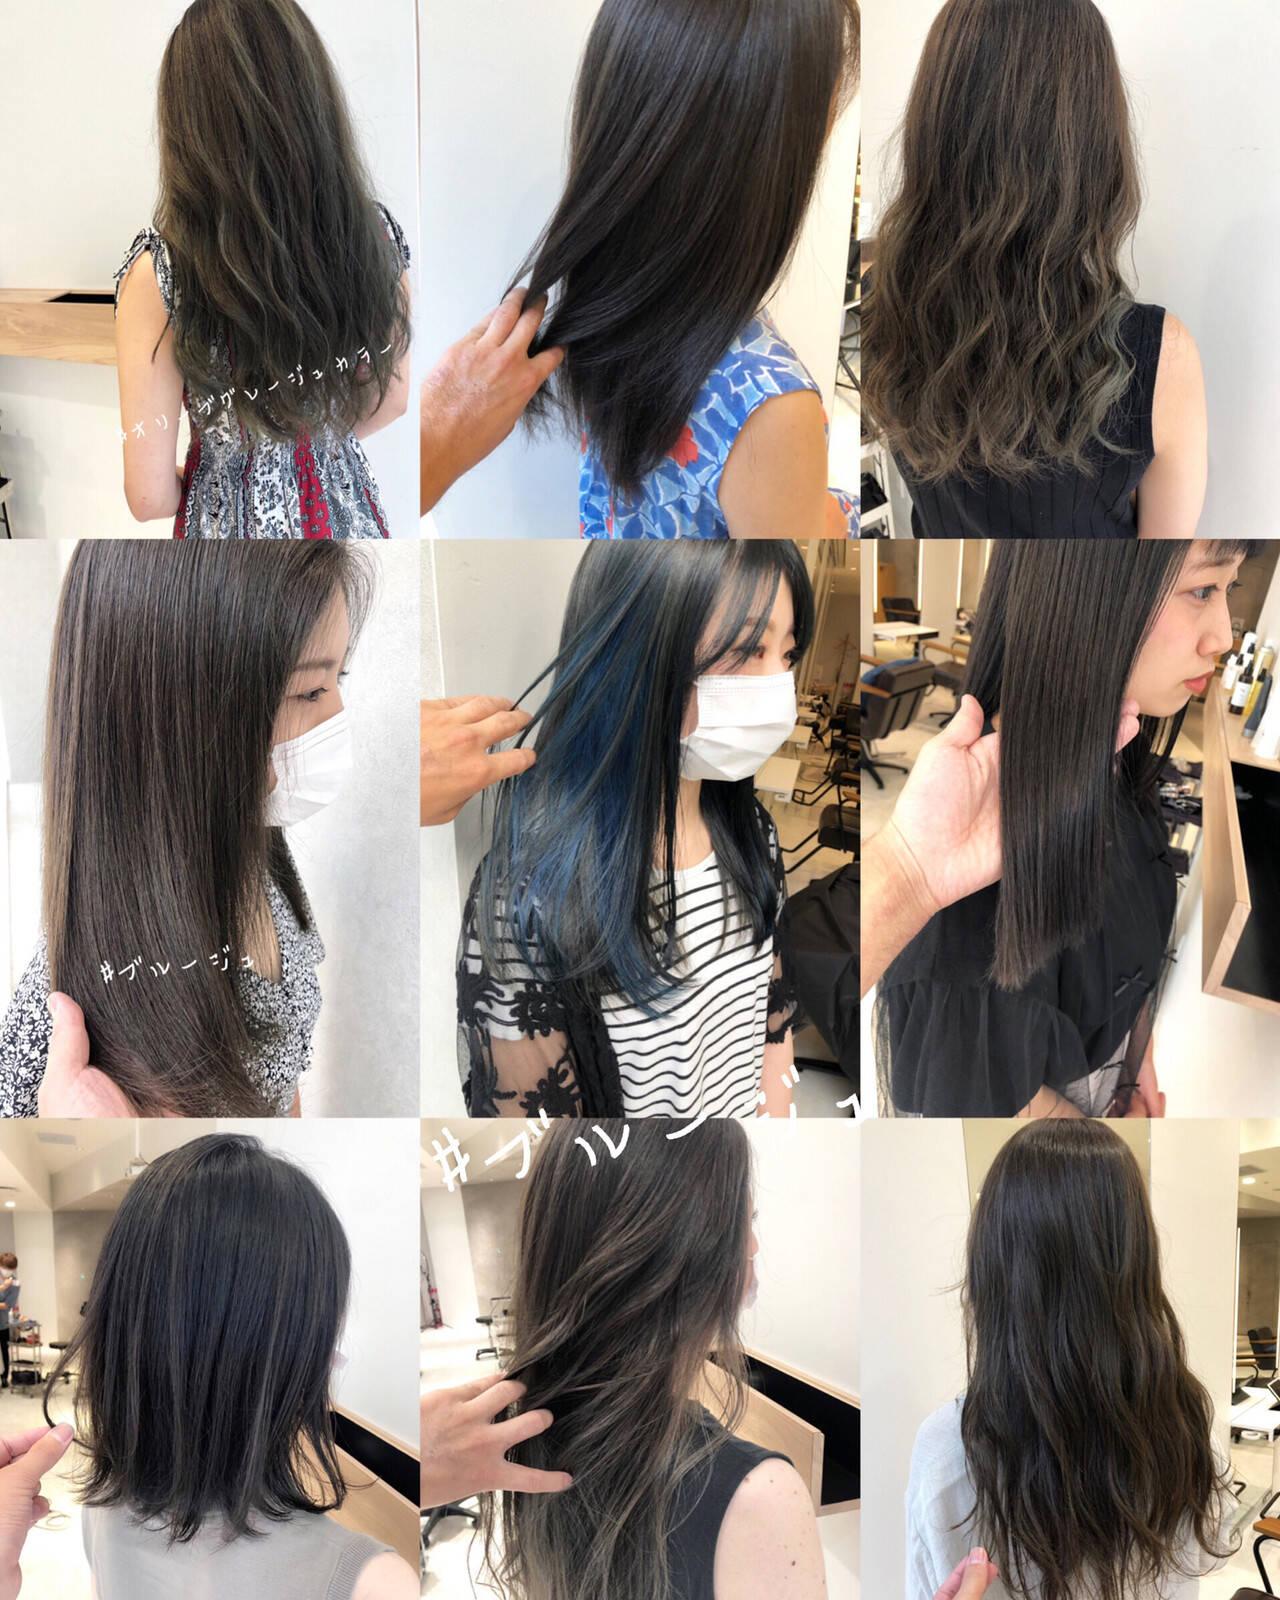 ブルージュ ブルーアッシュ ナチュラル インナーカラーヘアスタイルや髪型の写真・画像